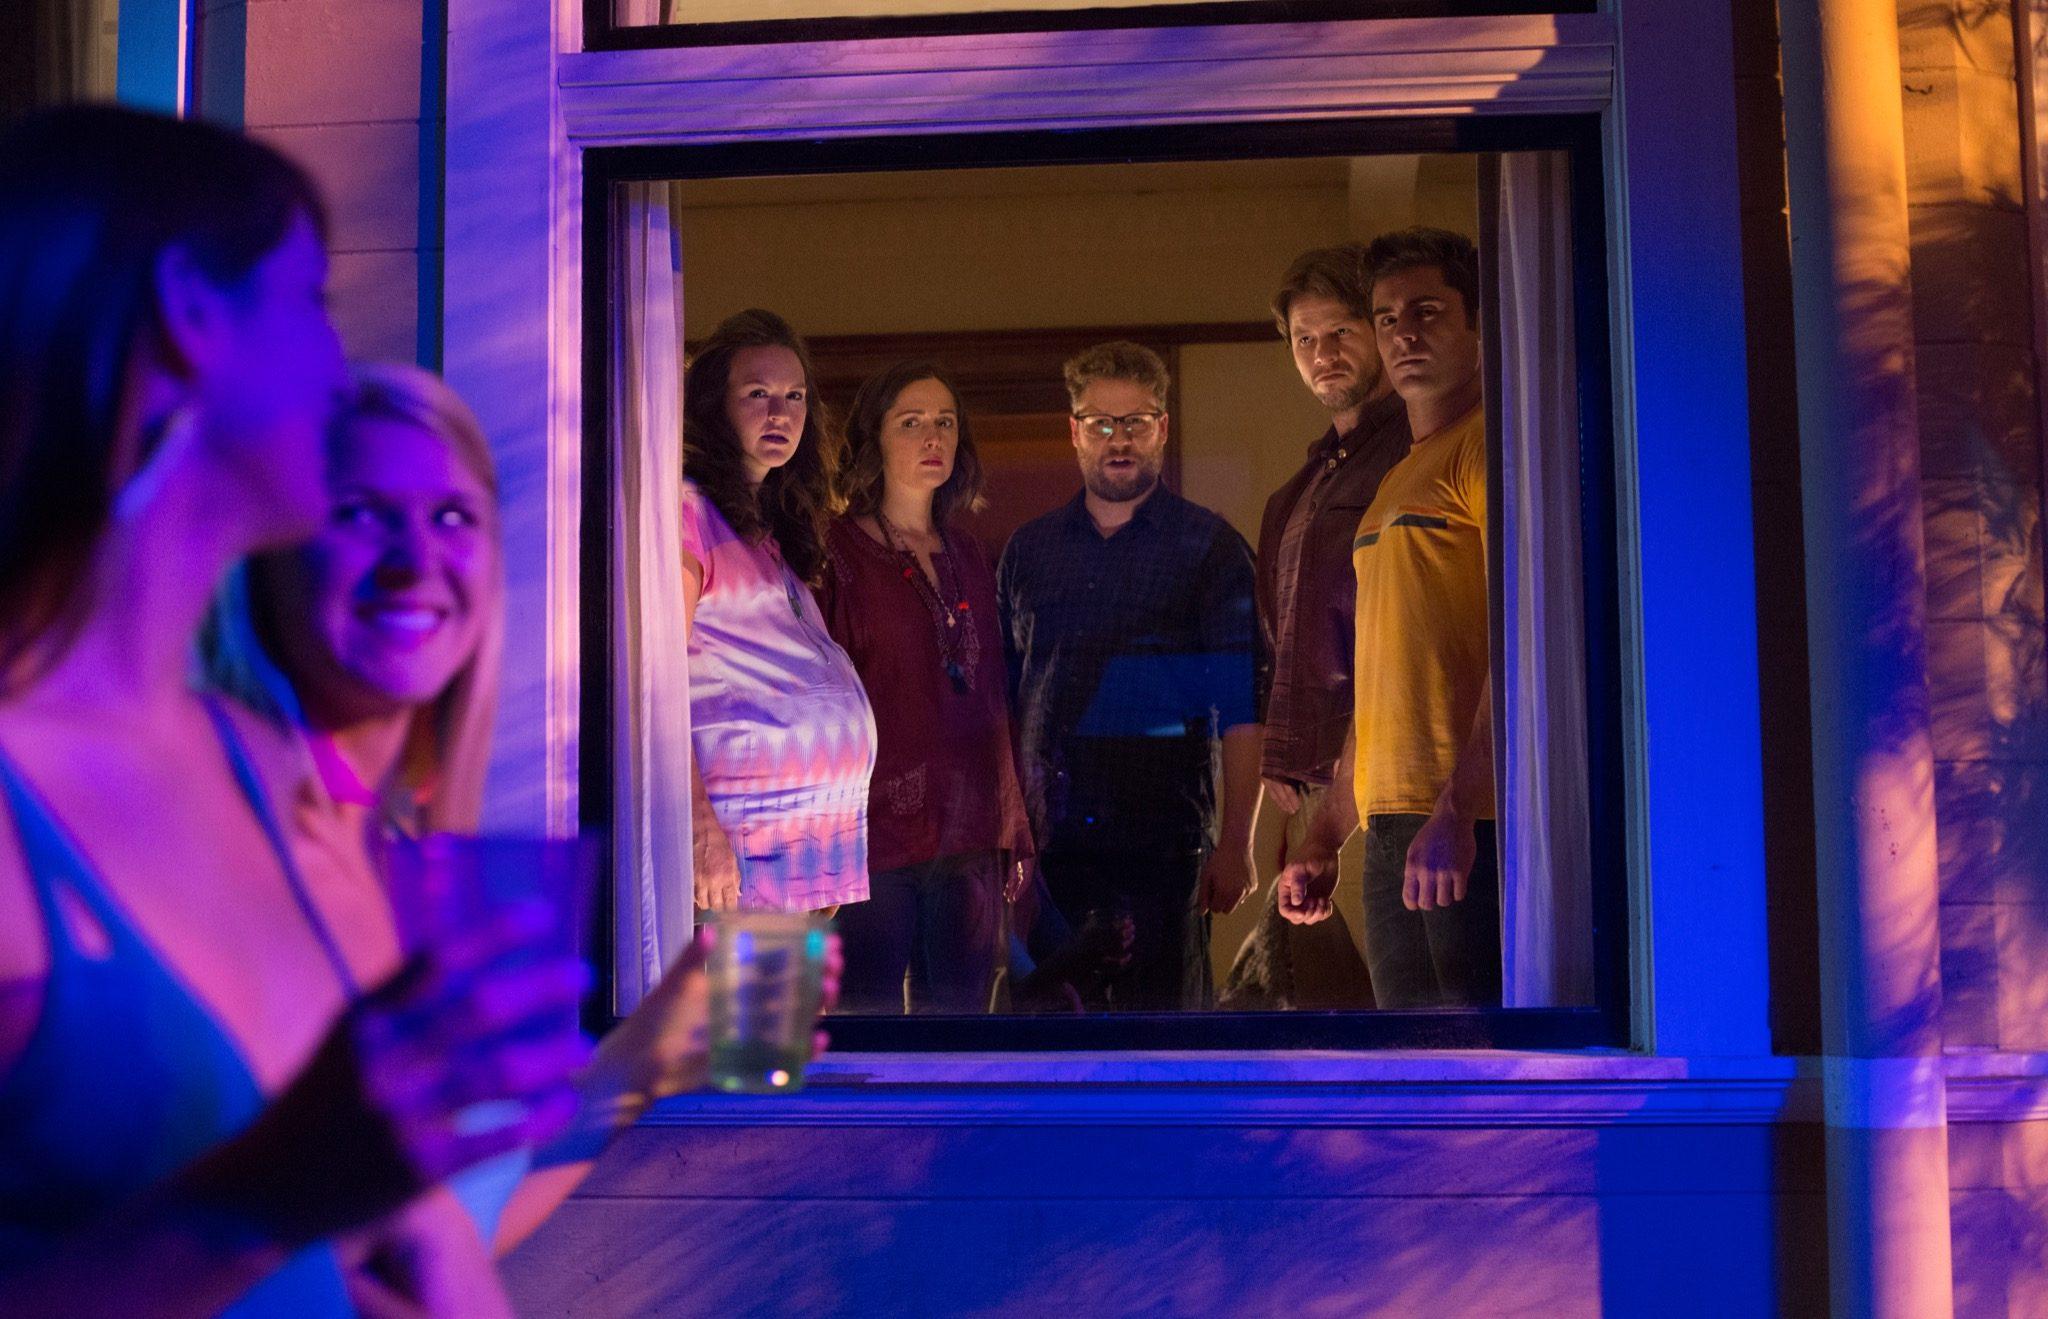 Nos pires voisins 2 image-8